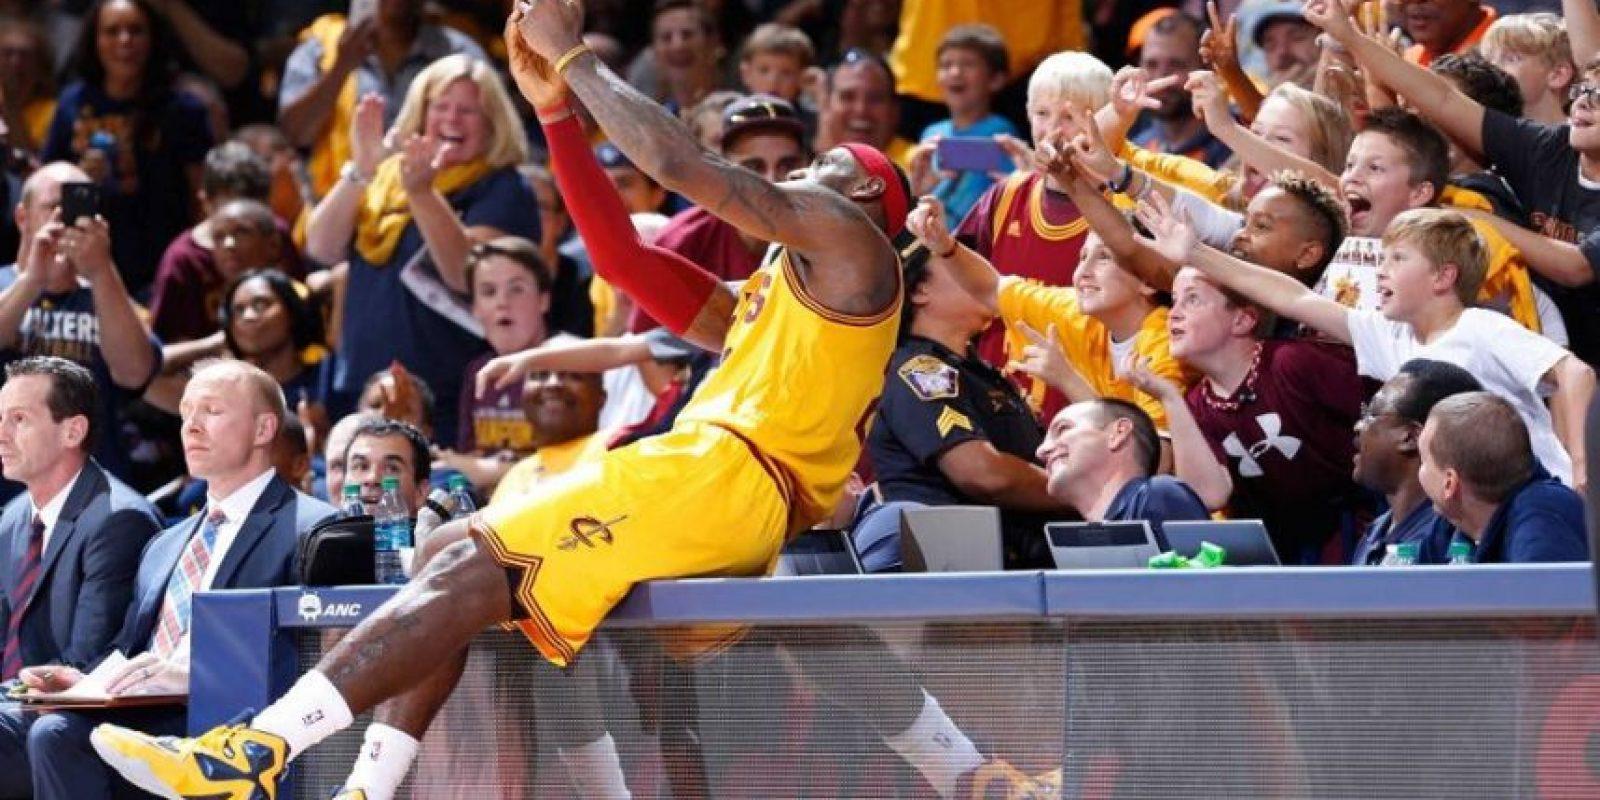 LeBron en pleno partido. El jugador de los Cavaliers se acercó a un niño, le quitó el celular y se tomó una selfie con él y todos sus amigos en pleno partido. Ellos no pudieron creer al principio lo que ocurría, pero ahora tendrán grabado ese momento. Foto:Fuente externa